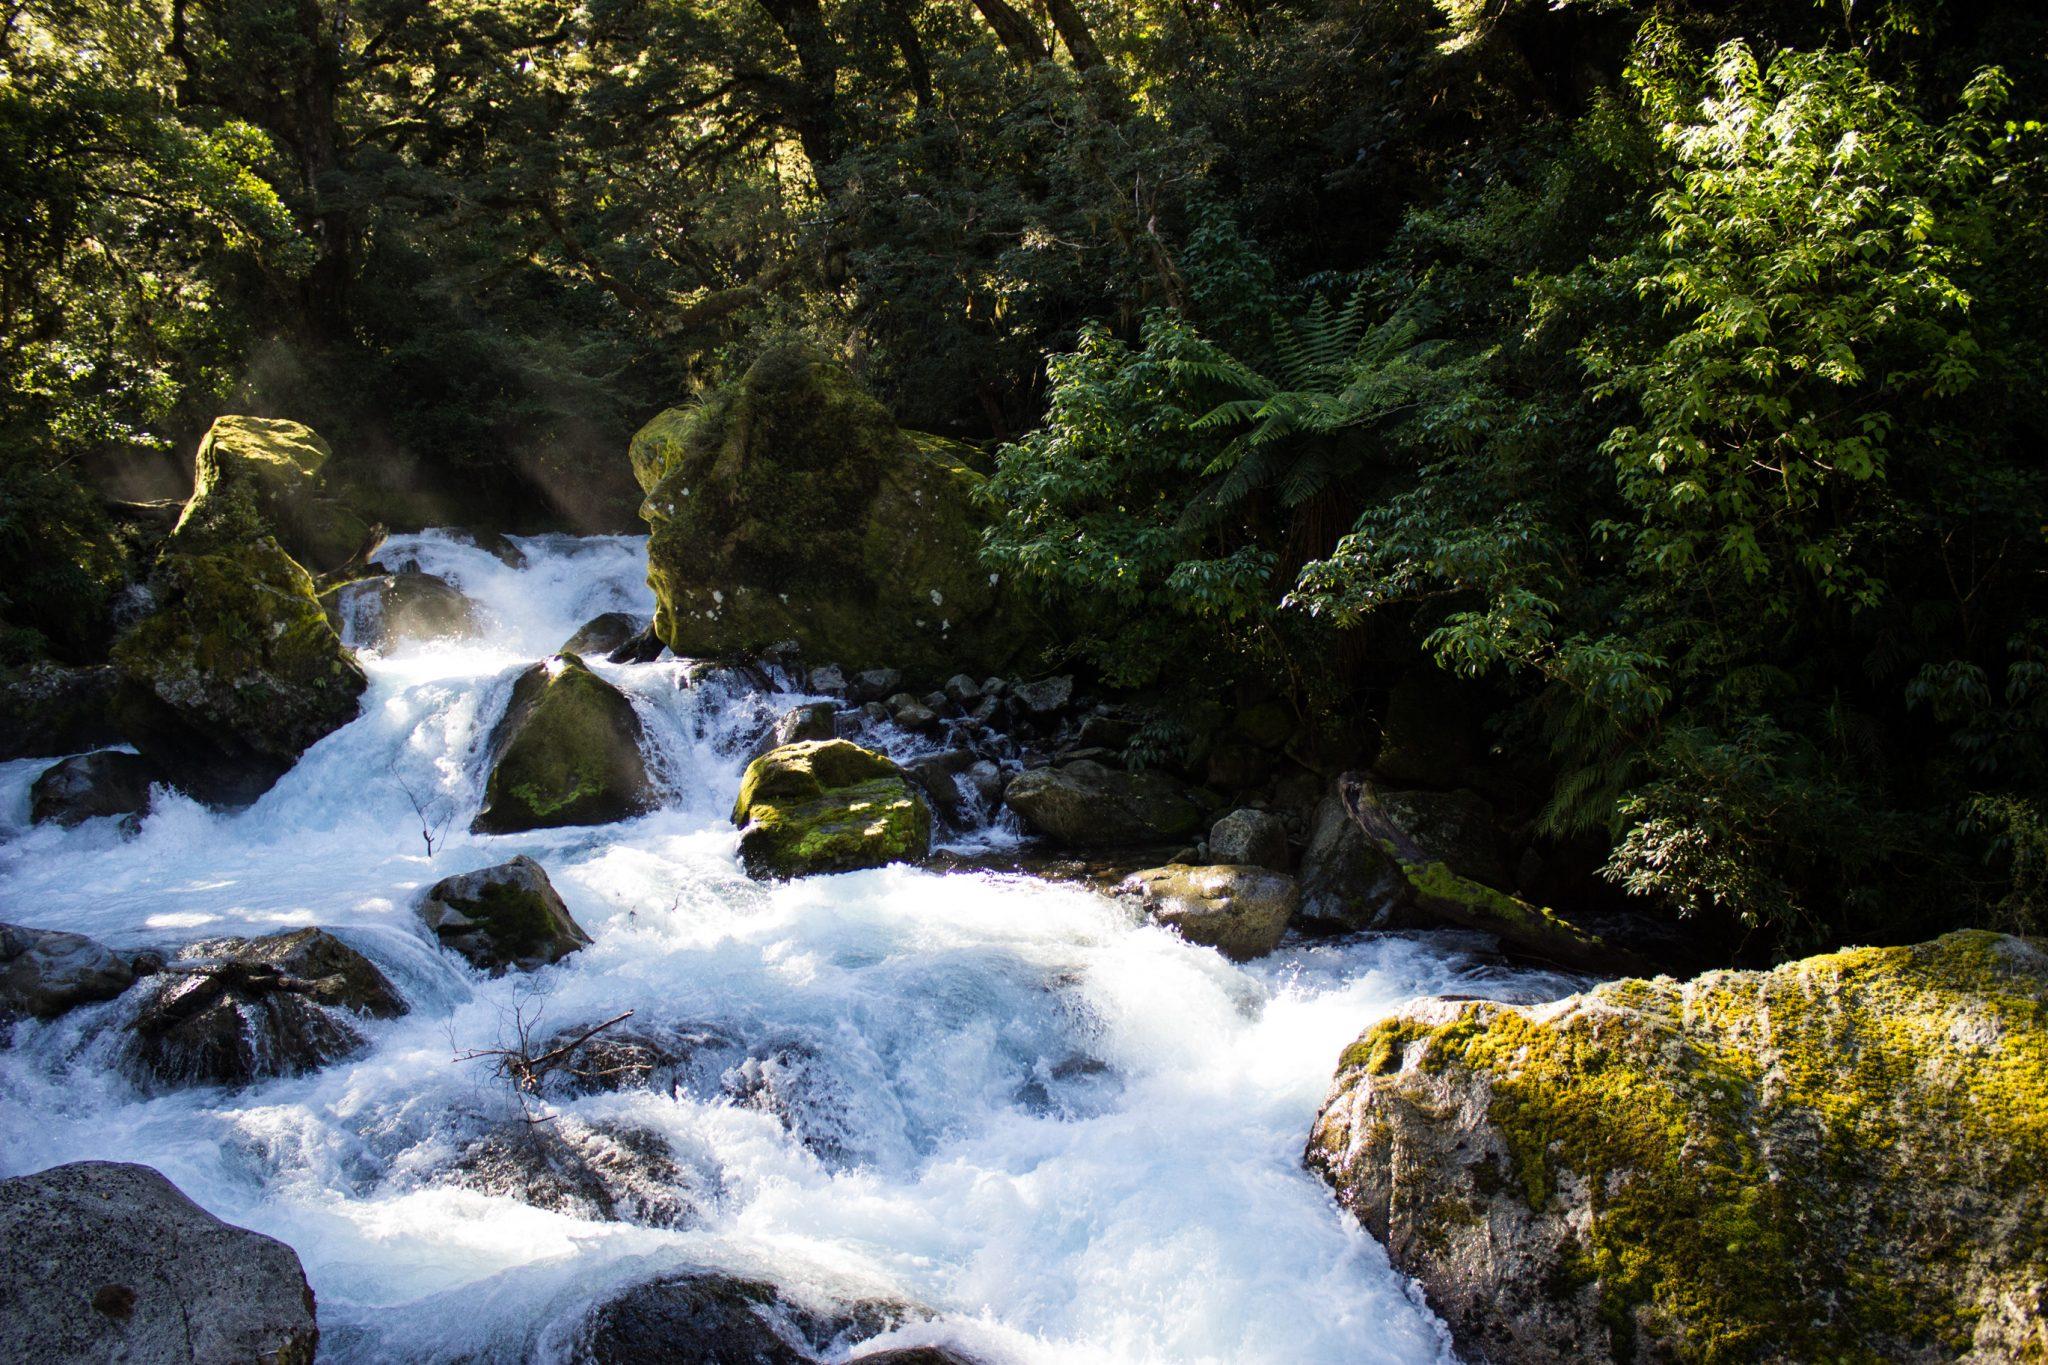 Lake Marian Track wandern, bei Marian Falls im Fiordland National Park Südinsel Neuseelands, dichter saftig grüner Wald, Farne, Wanderung zum See Marian, Wasserfall Marian Falls, schönes Licht, Sonne, Steine